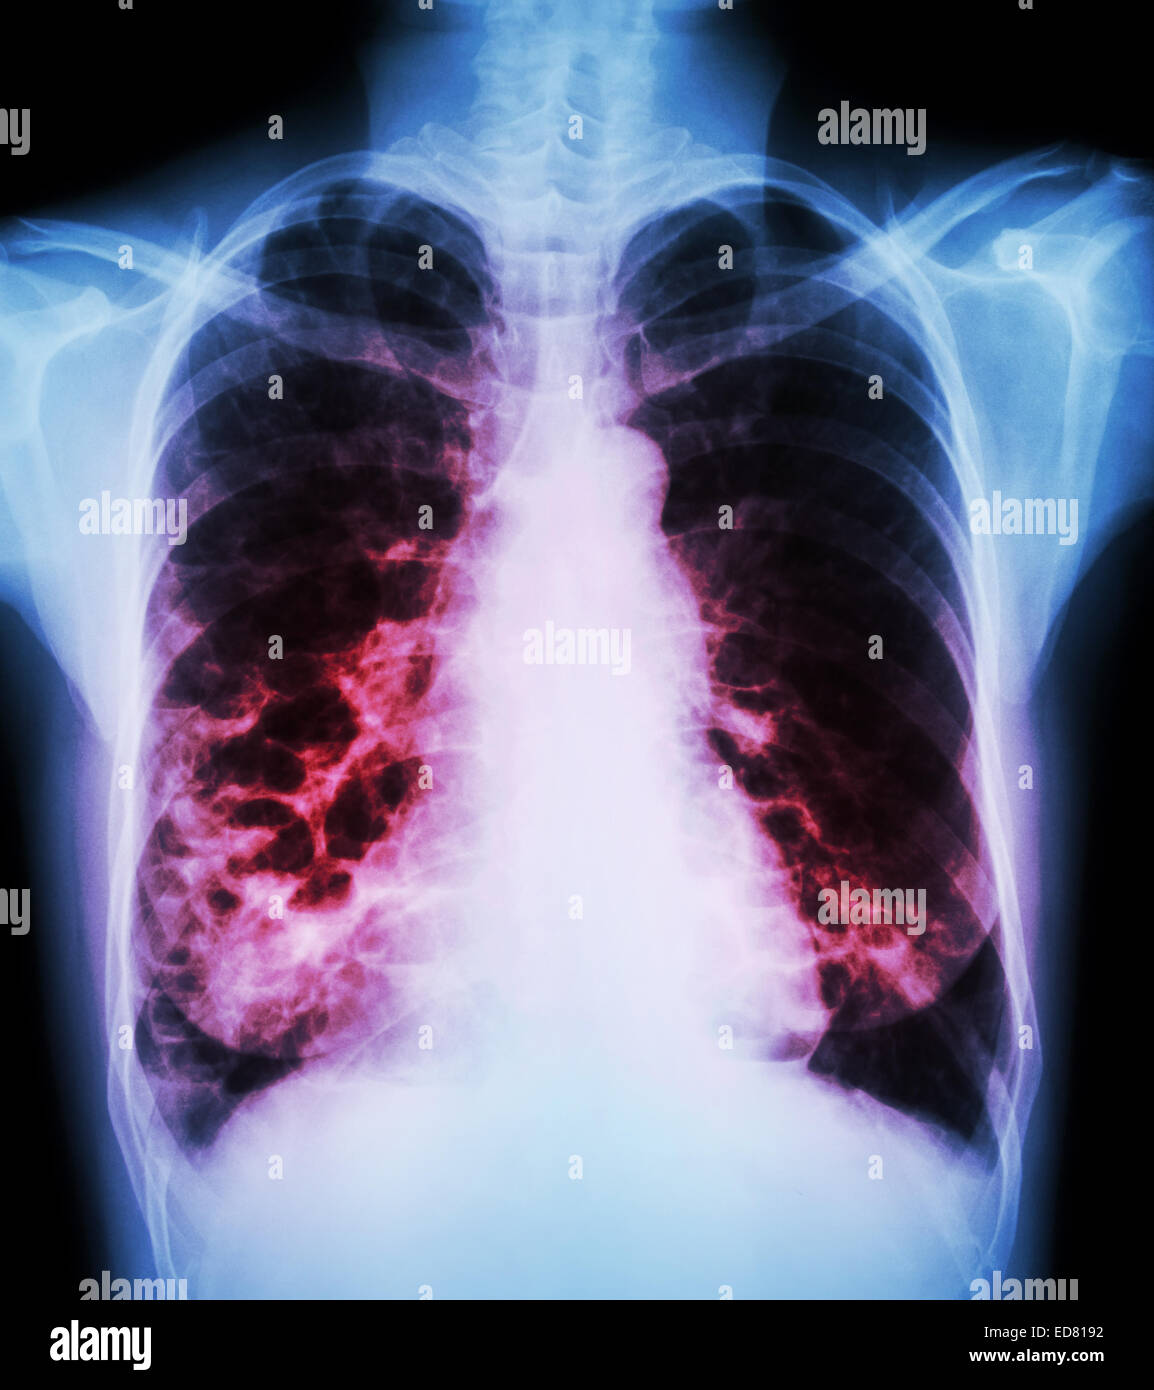 bronchiectasis stock photos amp bronchiectasis stock images